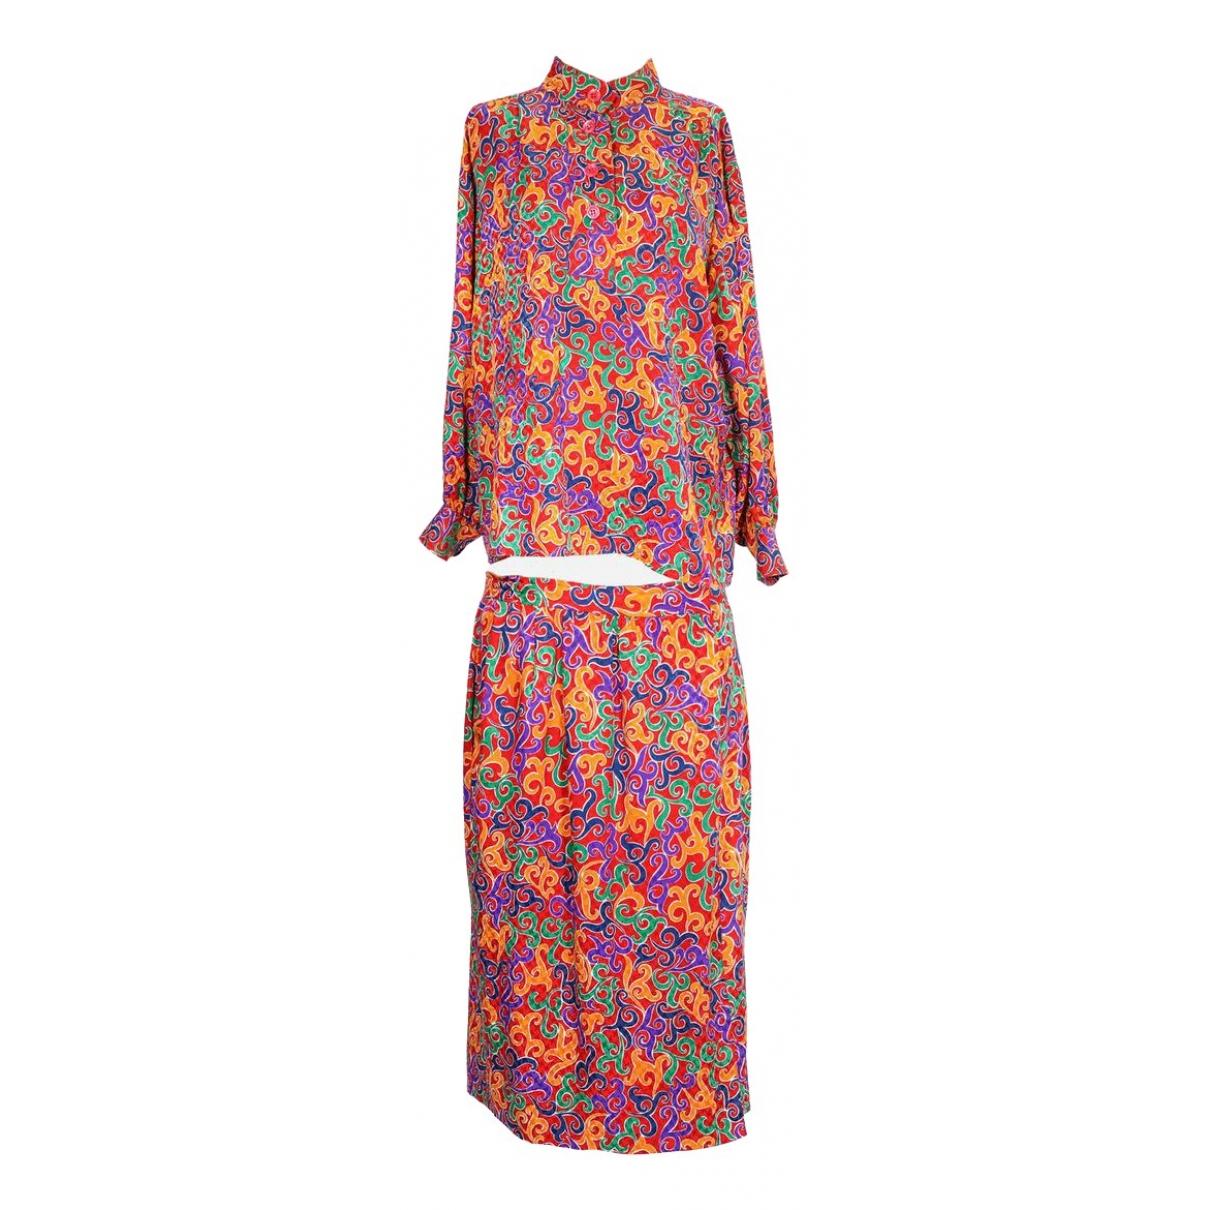 Yves Saint Laurent - Robe   pour femme en soie - multicolore